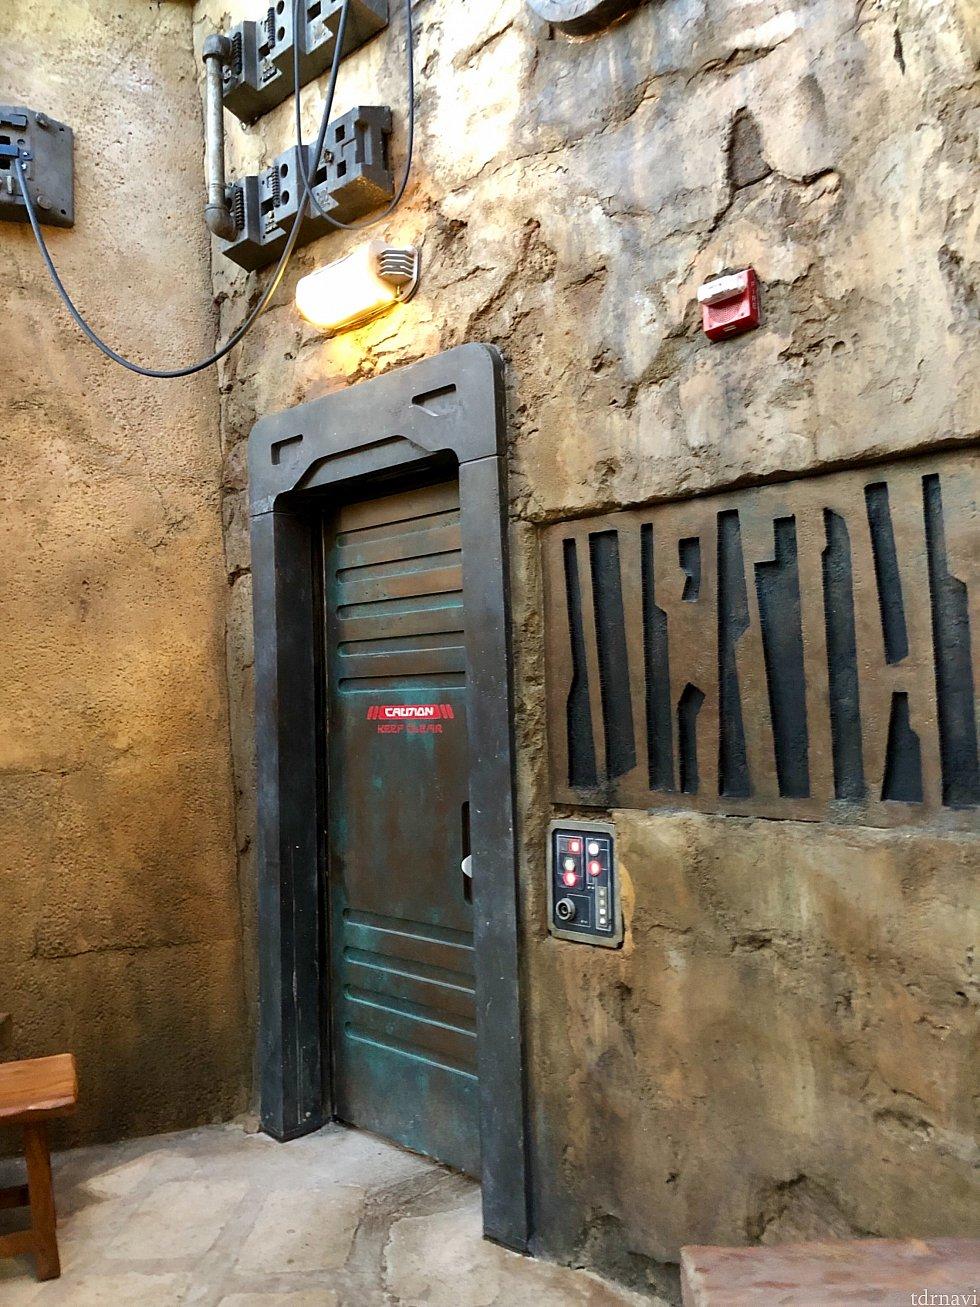 各ドアの横には必ずスイッチ的なモノが付いているんです。思わず押したくなります。